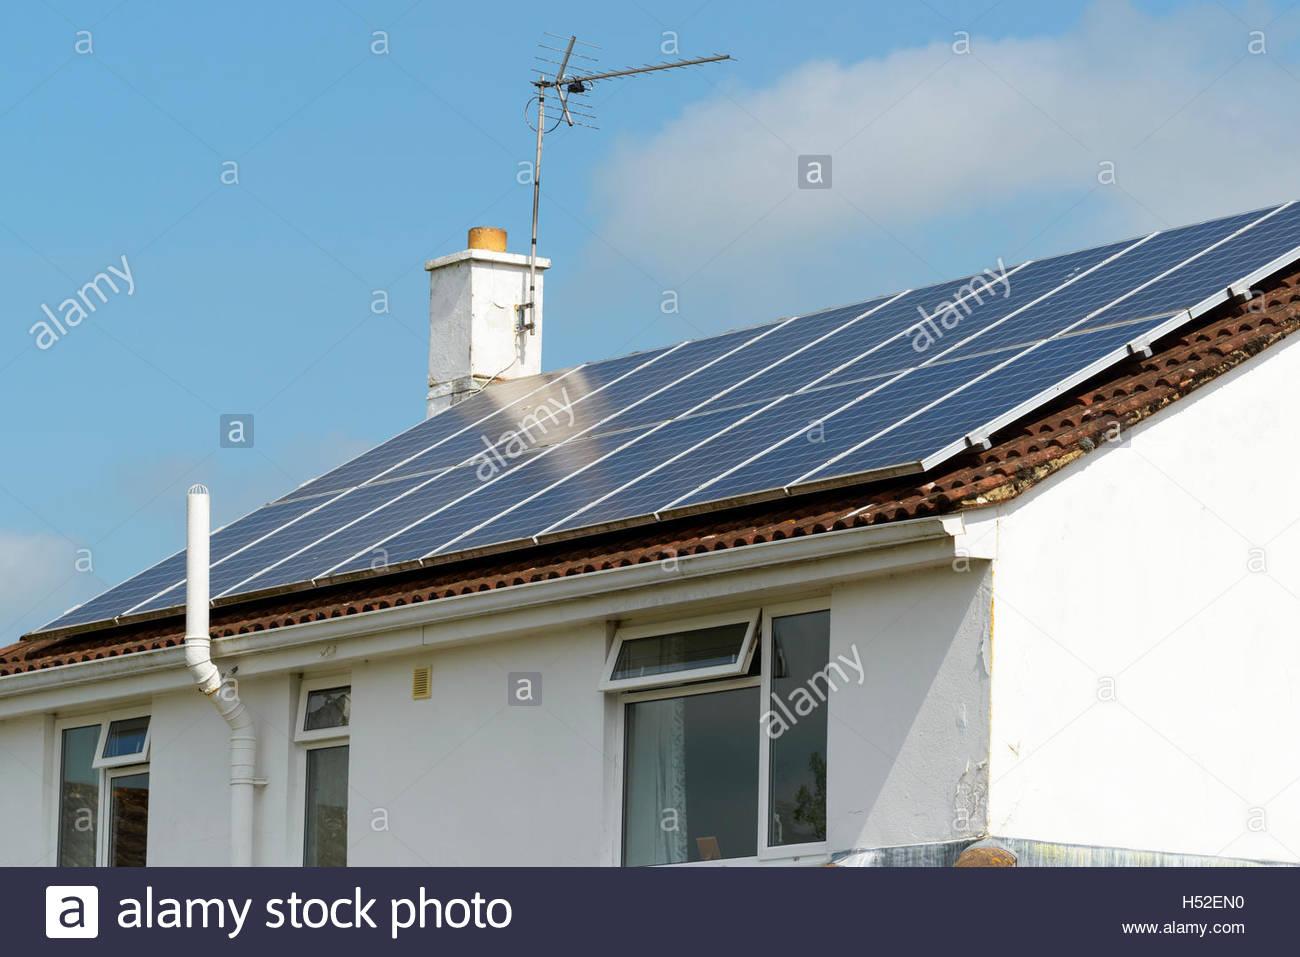 Solar panels on house roof, Blandford Forum, Dorset, England, UK - Stock Image